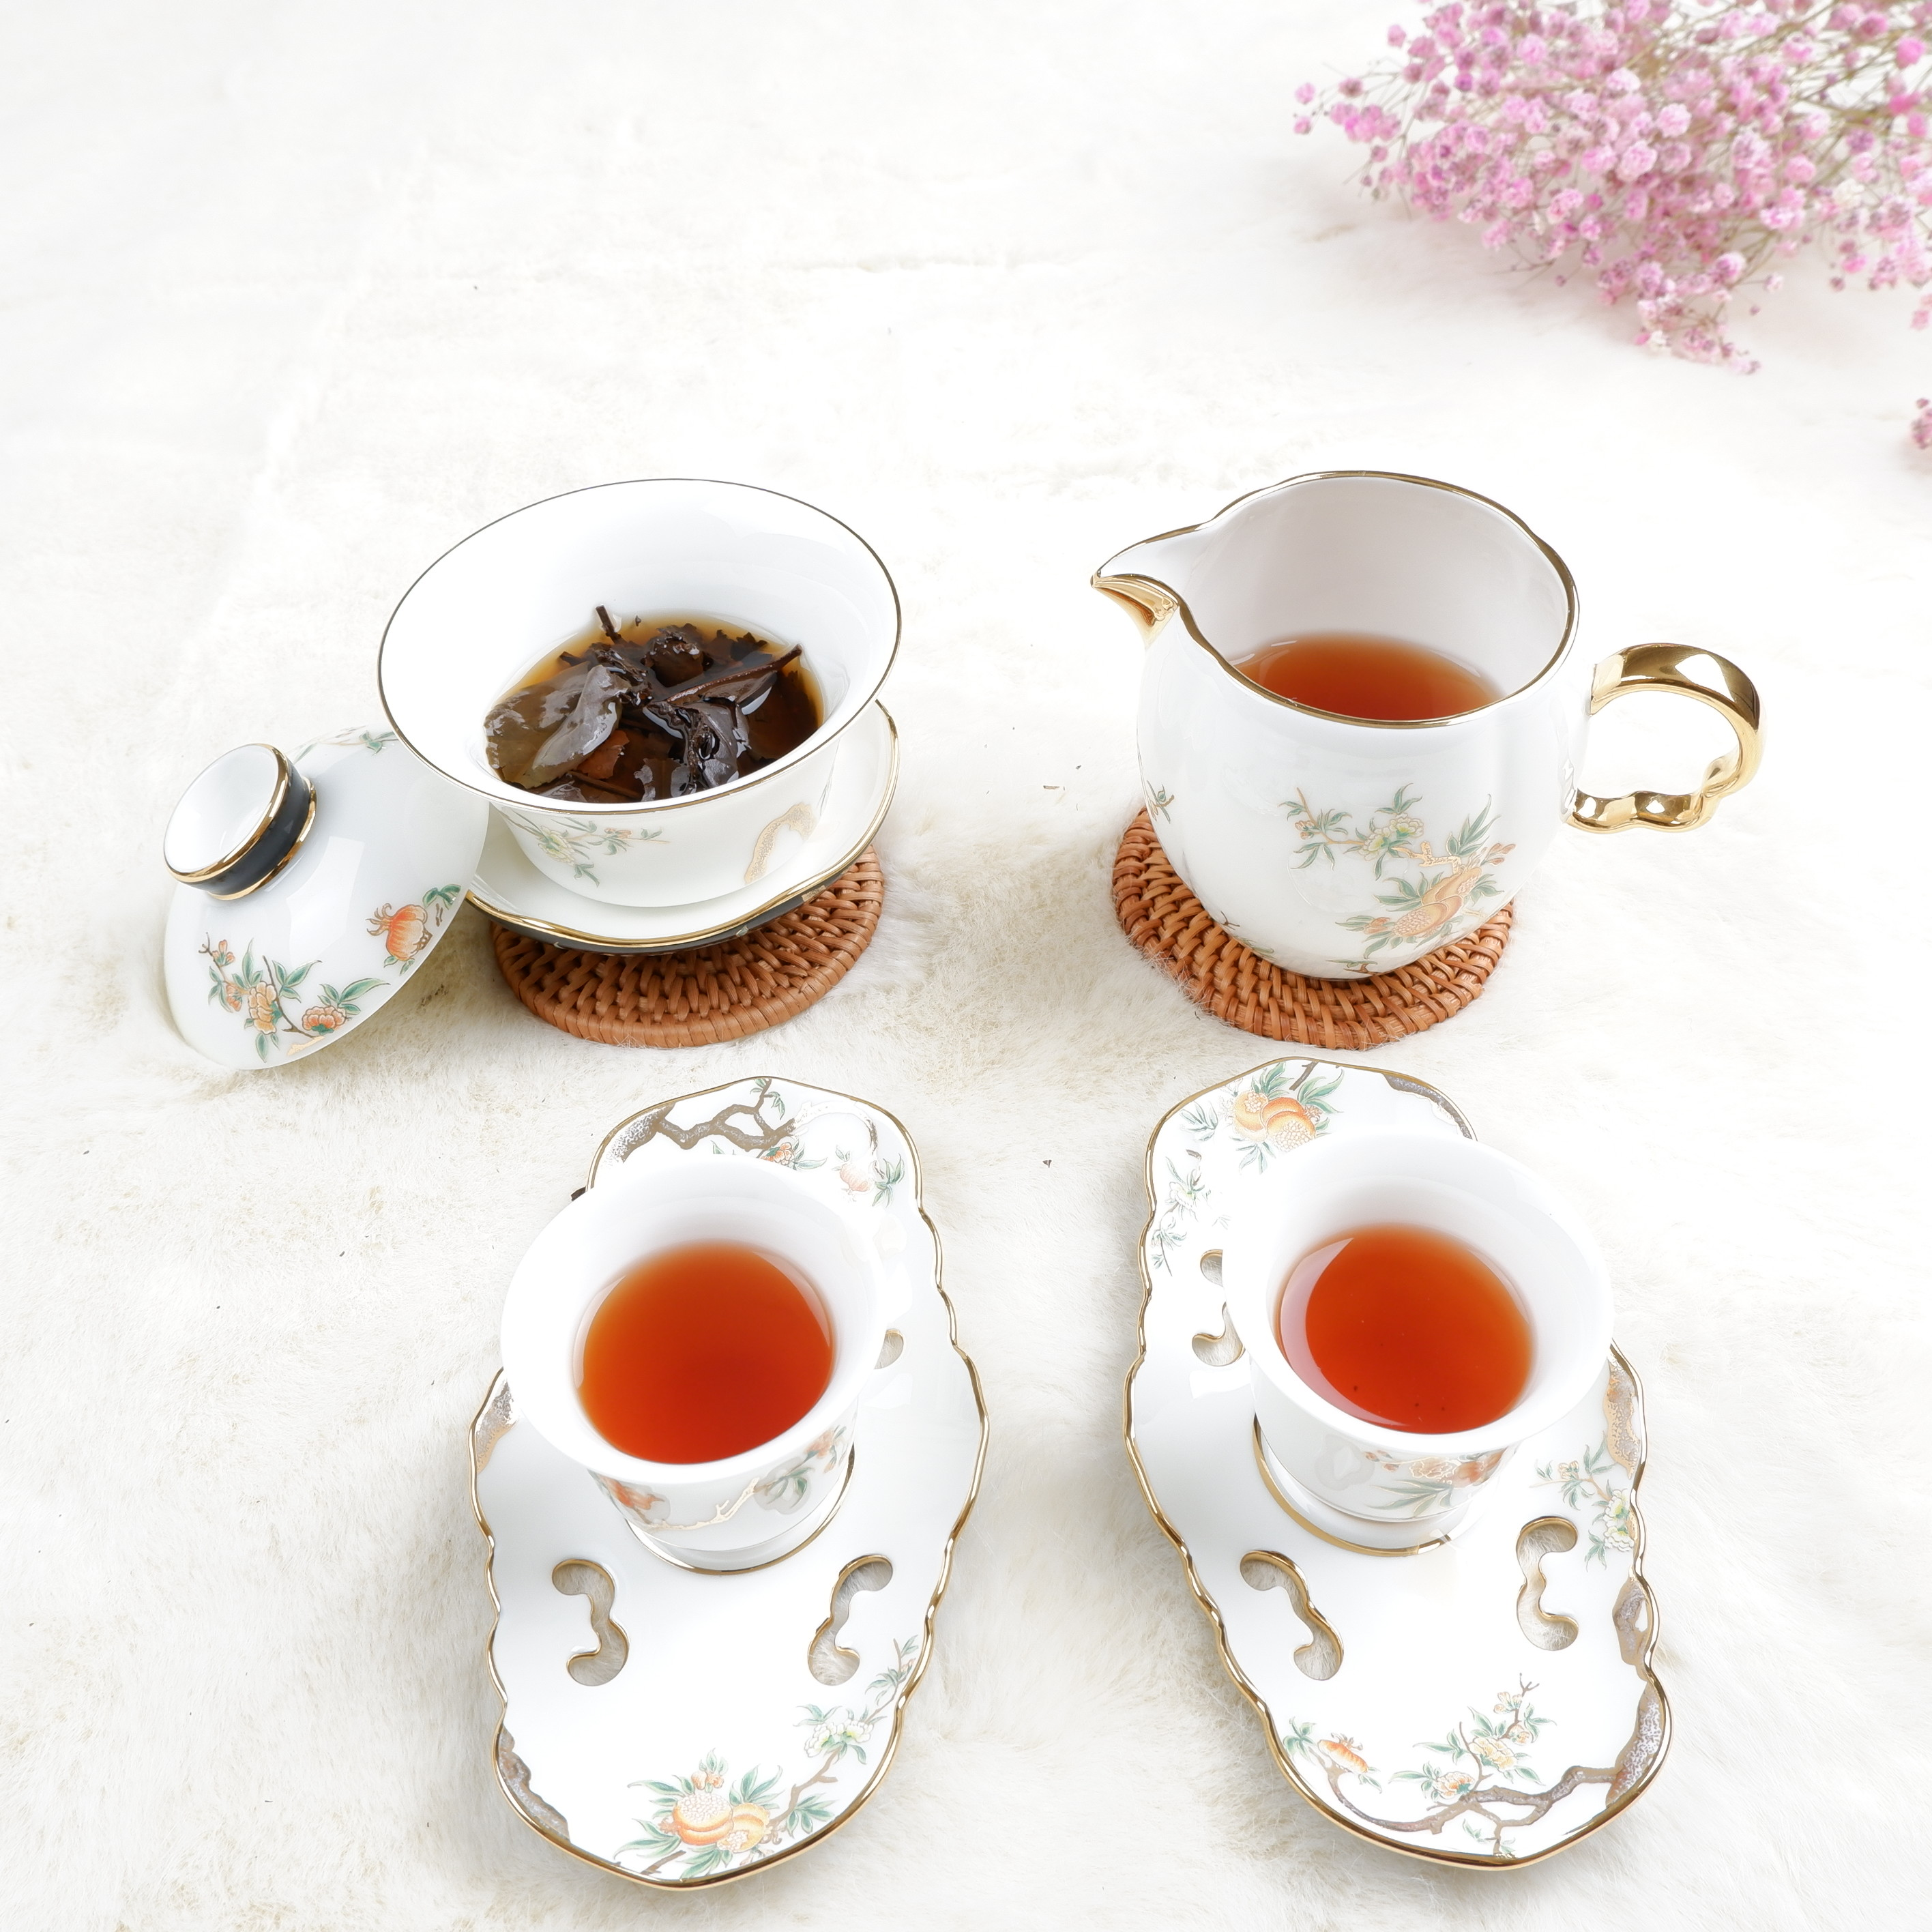 Hand Made Fermented High Mountain Fuding Shoumei White Compressed Tea - 4uTea | 4uTea.com